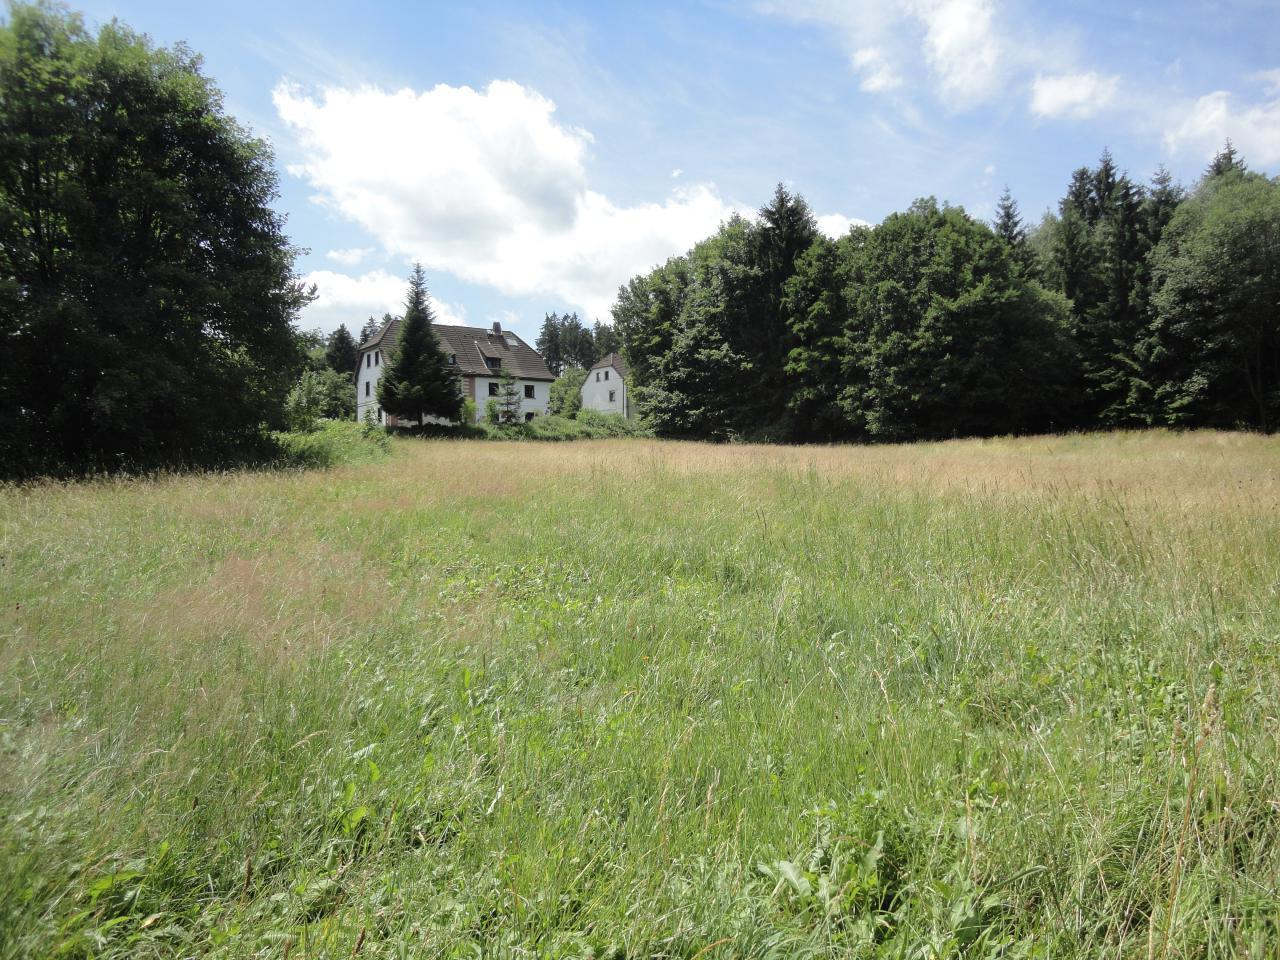 Ferienwohnung Wohnung 2 (F) der Sonderklasse im Naturpark Fichtelgebirge (1570788), Kirchenlamitz, Fichtelgebirge, Bayern, Deutschland, Bild 21